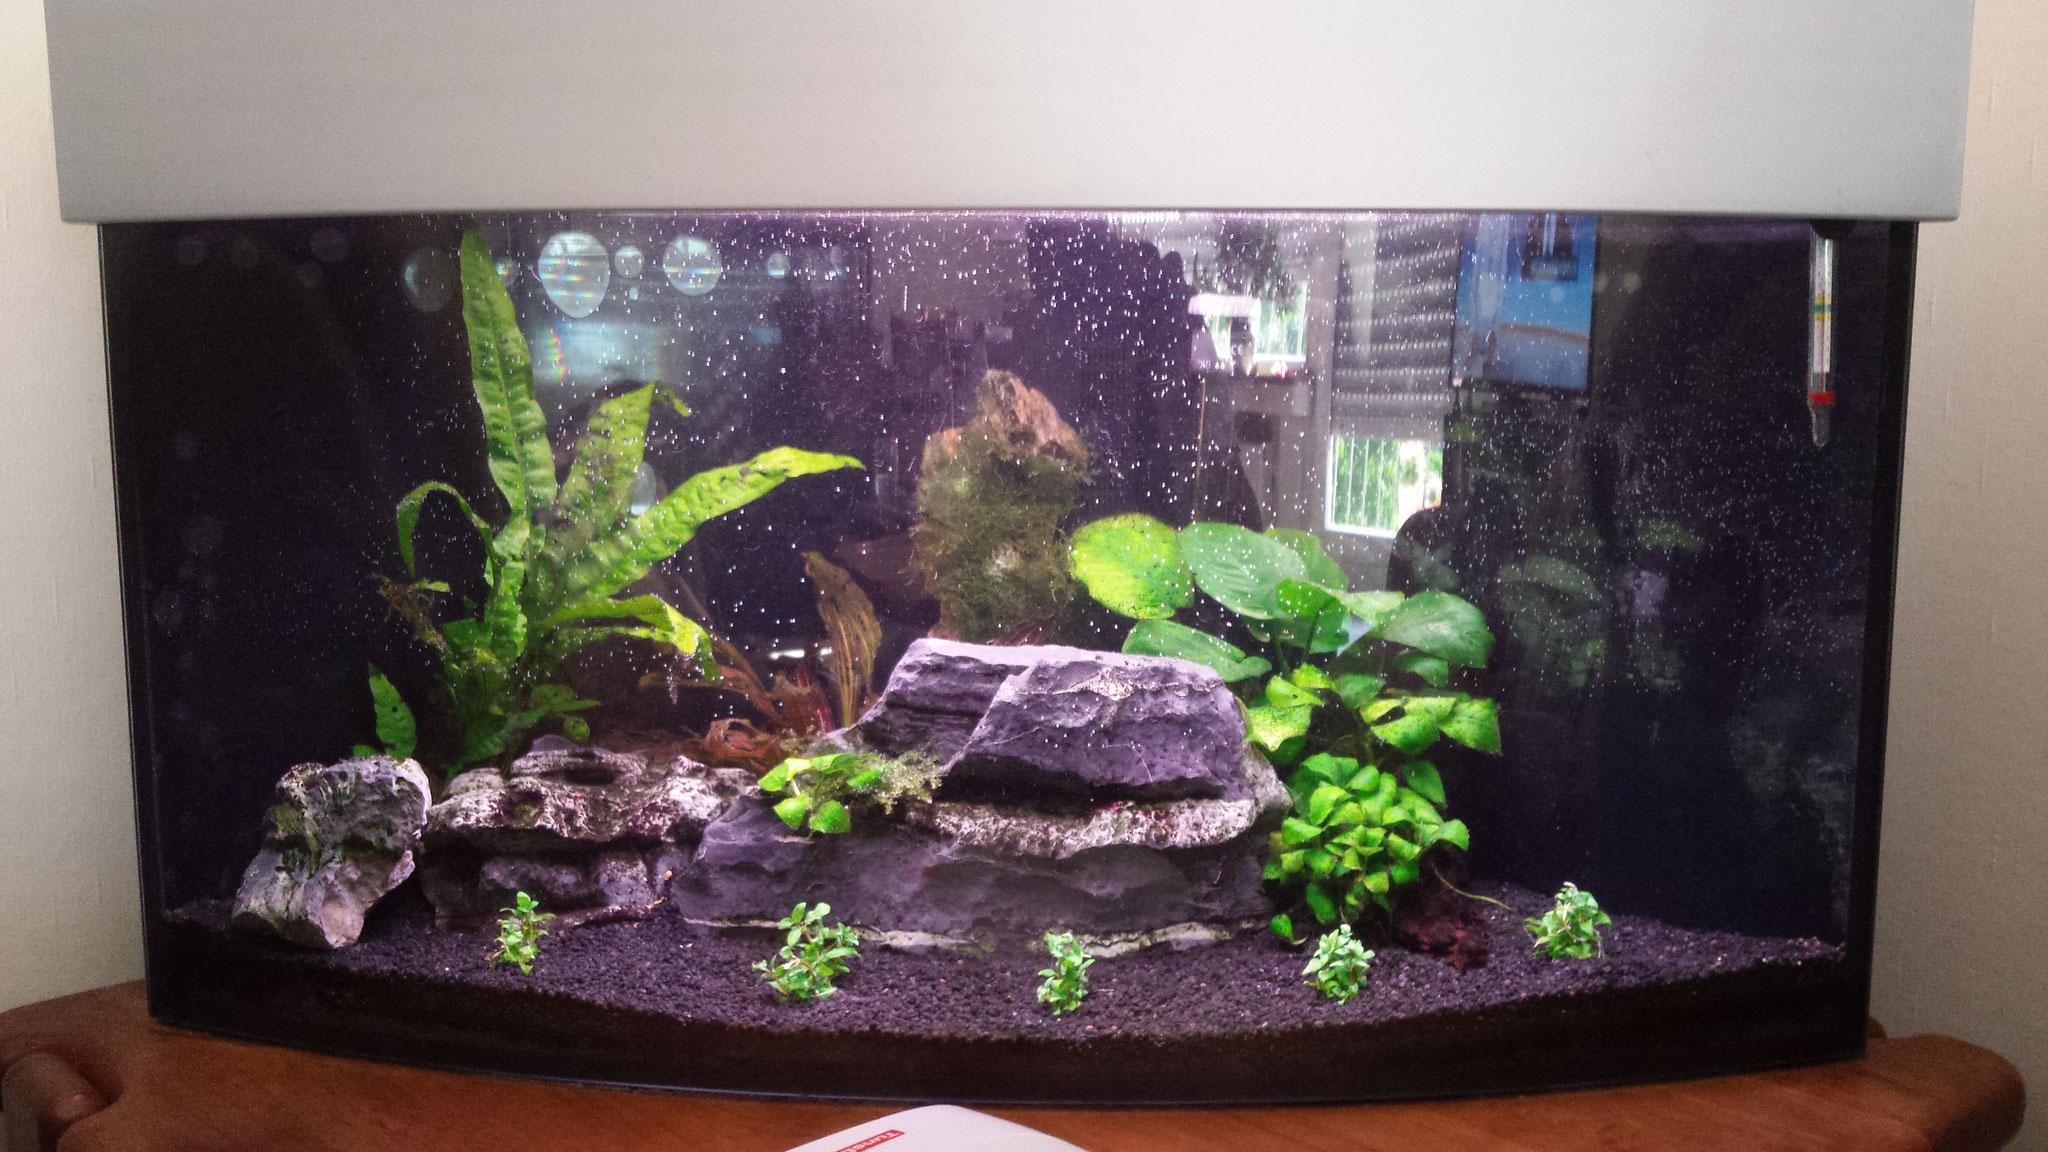 wichtiges in sachen aquarium aquarien service martin kompetenz f r privat und unternehmen. Black Bedroom Furniture Sets. Home Design Ideas